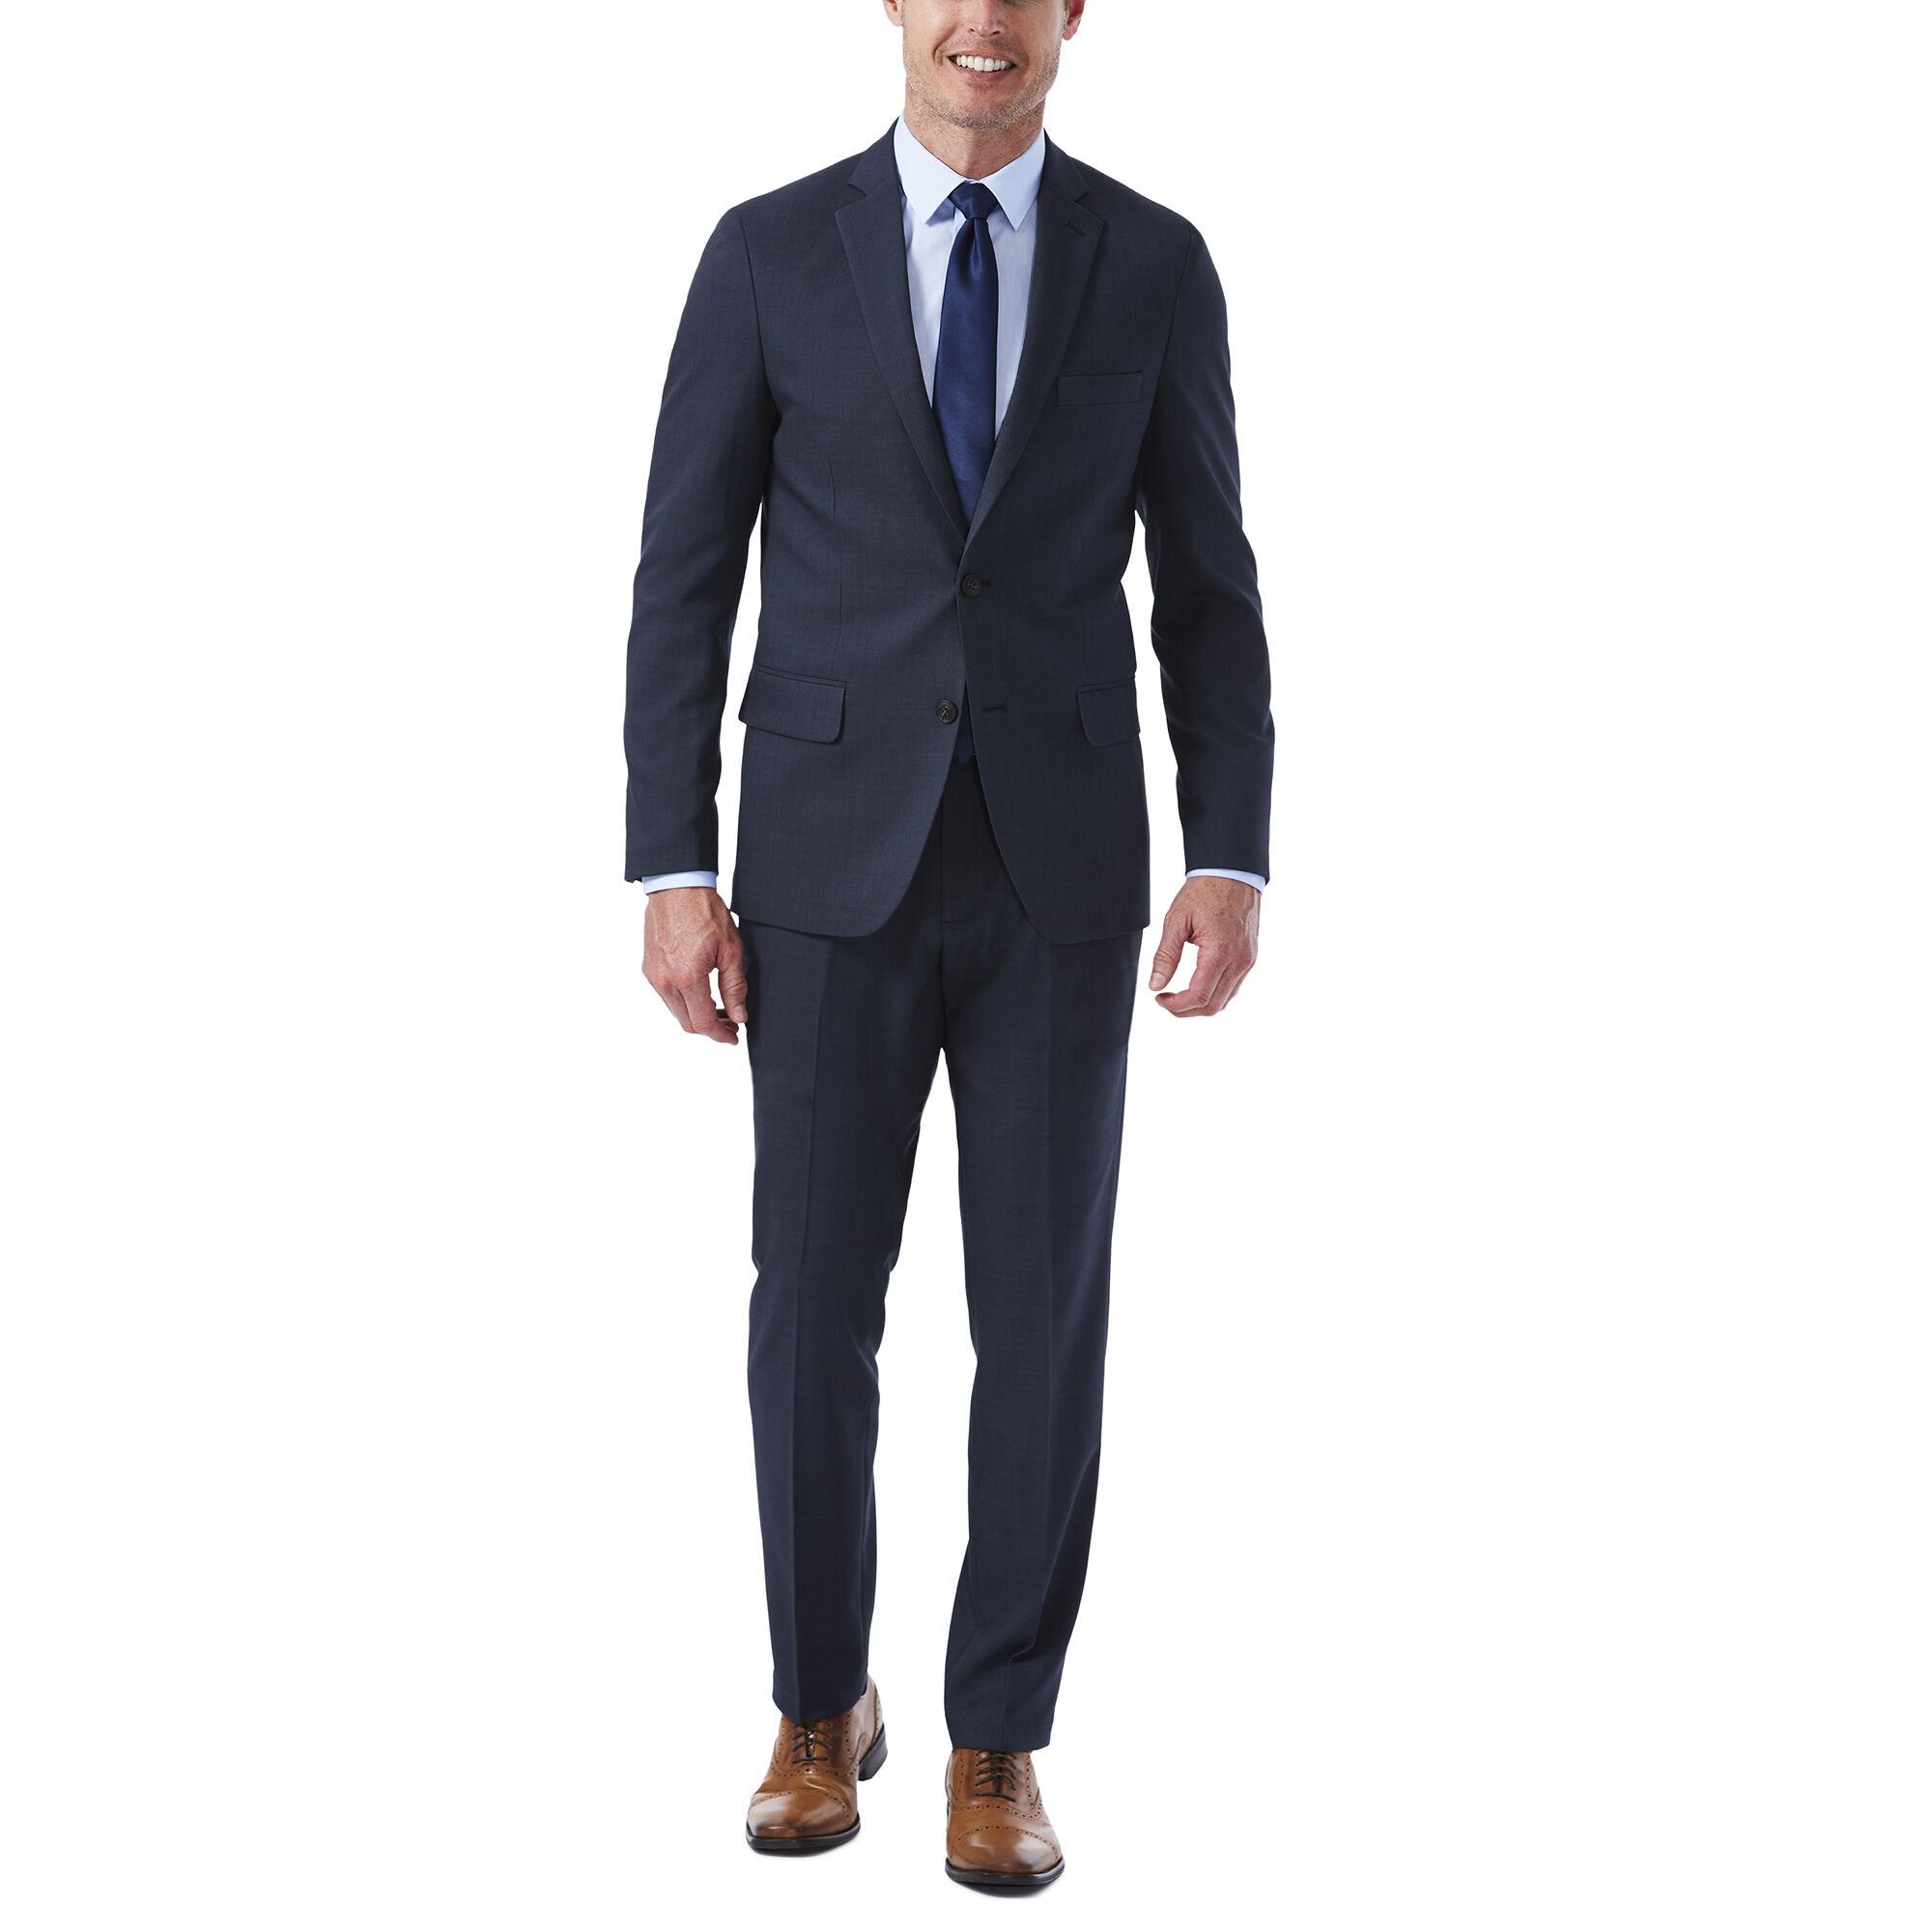 Sartorial Suit Separates